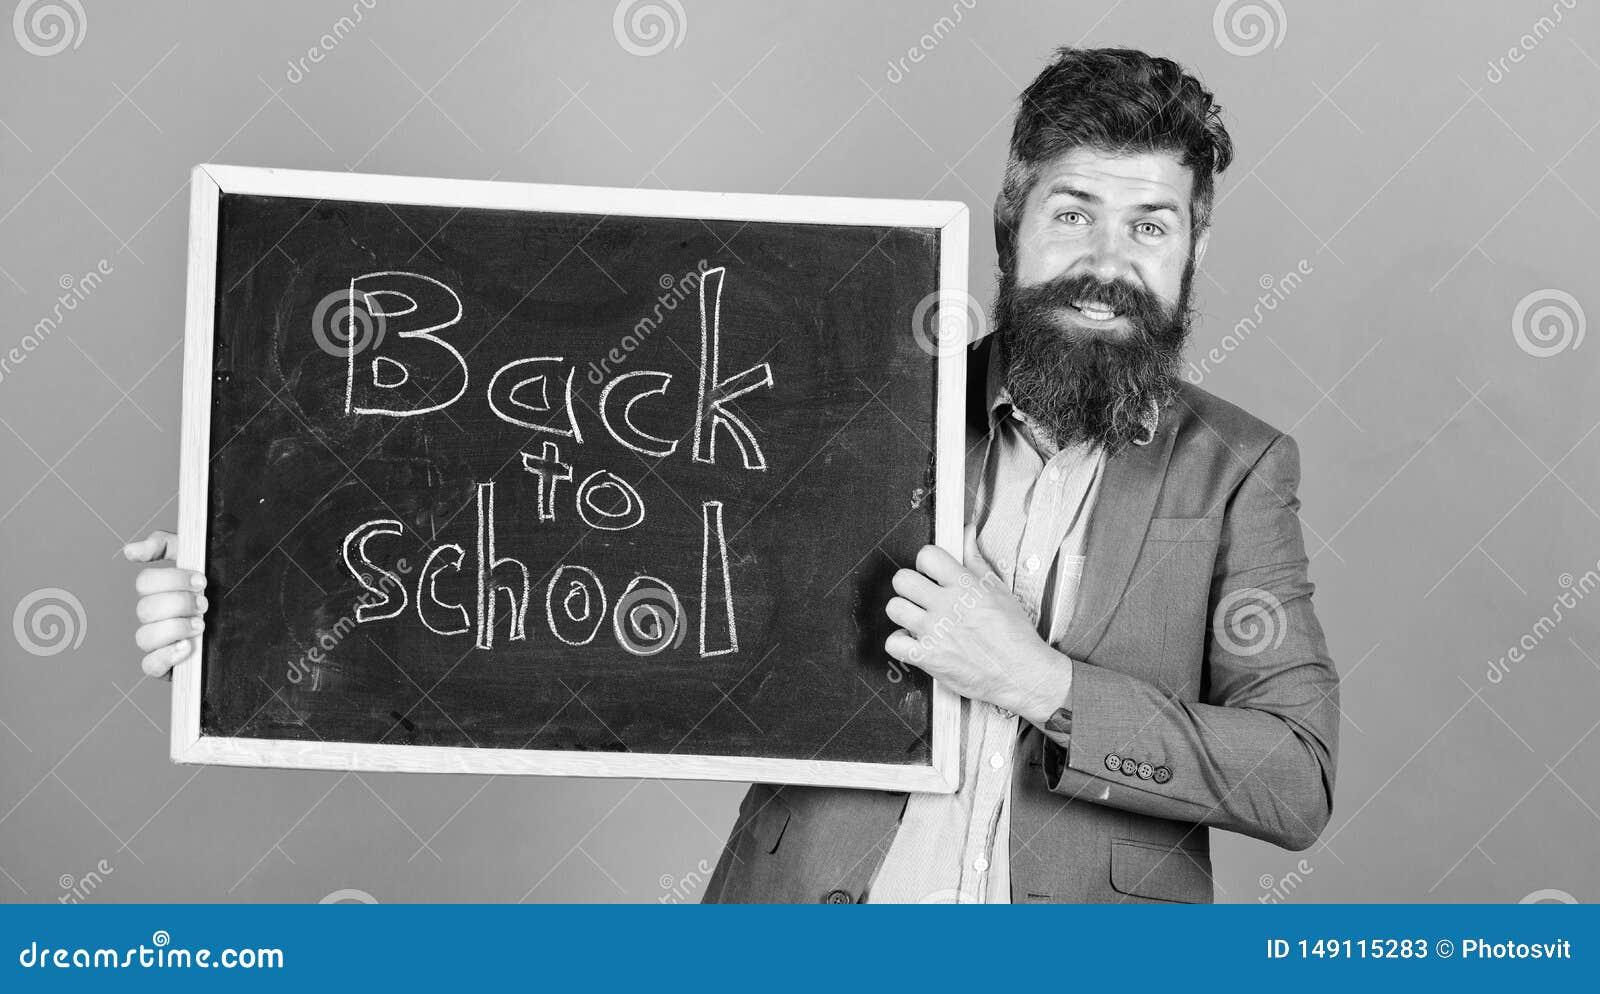 Zaprasza ?wi?towa? dzie? wiedza Nauczyciel reklamuje z powrotem szko?a zakupu nowe szkolne dostawy Nauczyciela brodaty m??czyzna